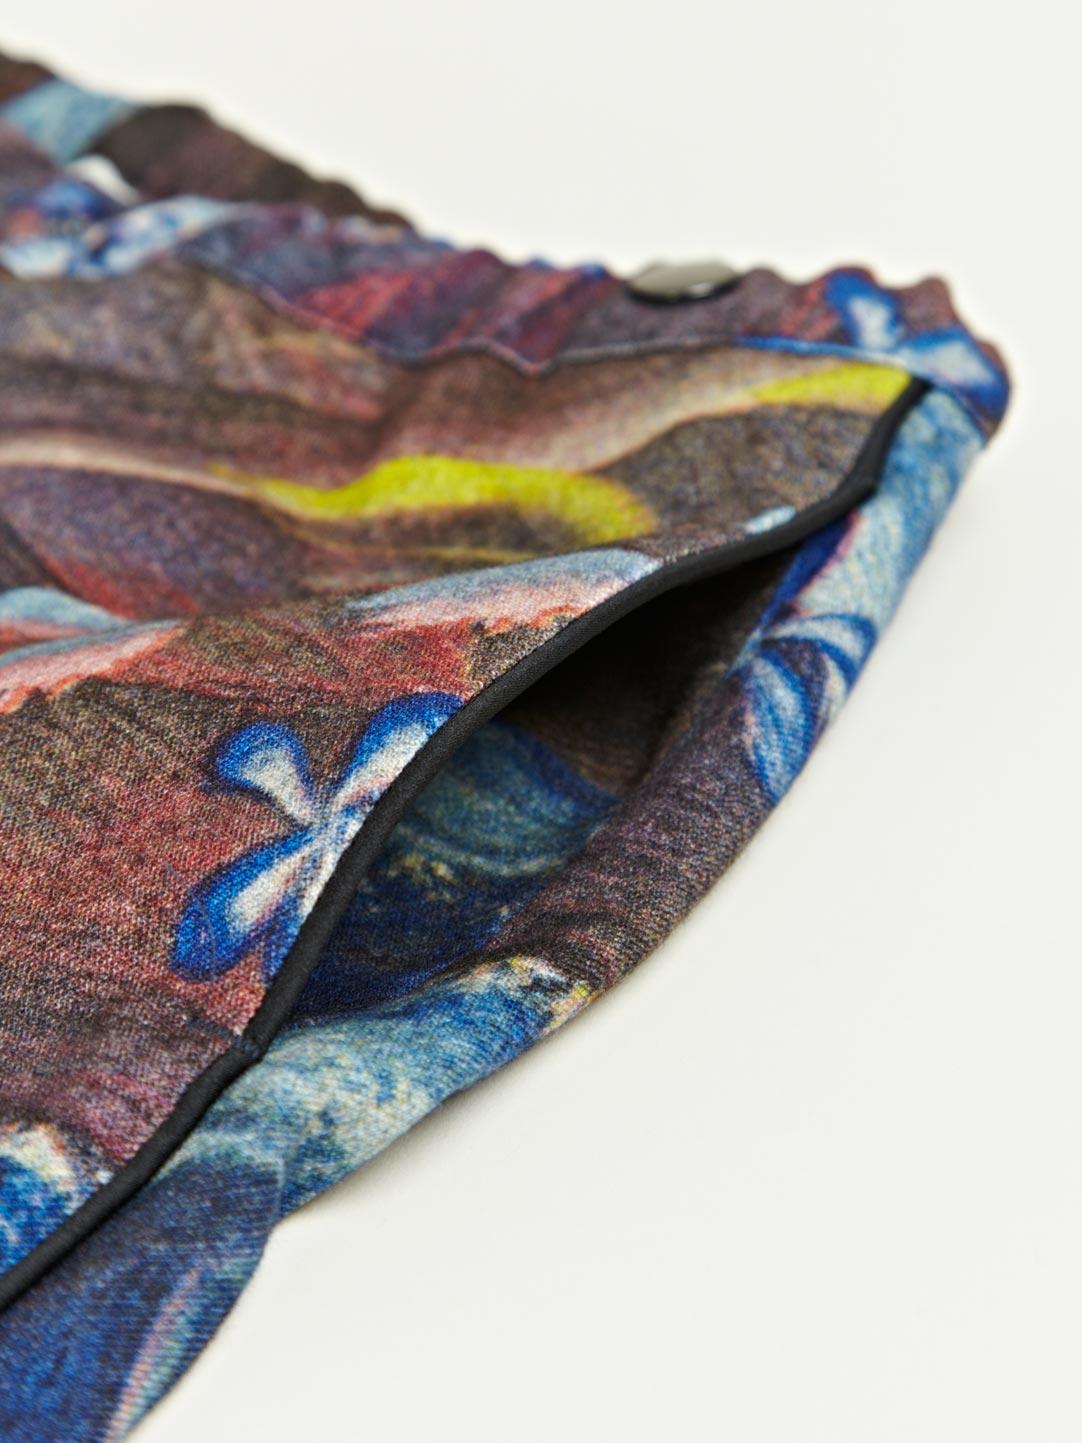 Dries Van Noten Dries Van Noten Mens Passy Print Trousers in Blue for Men